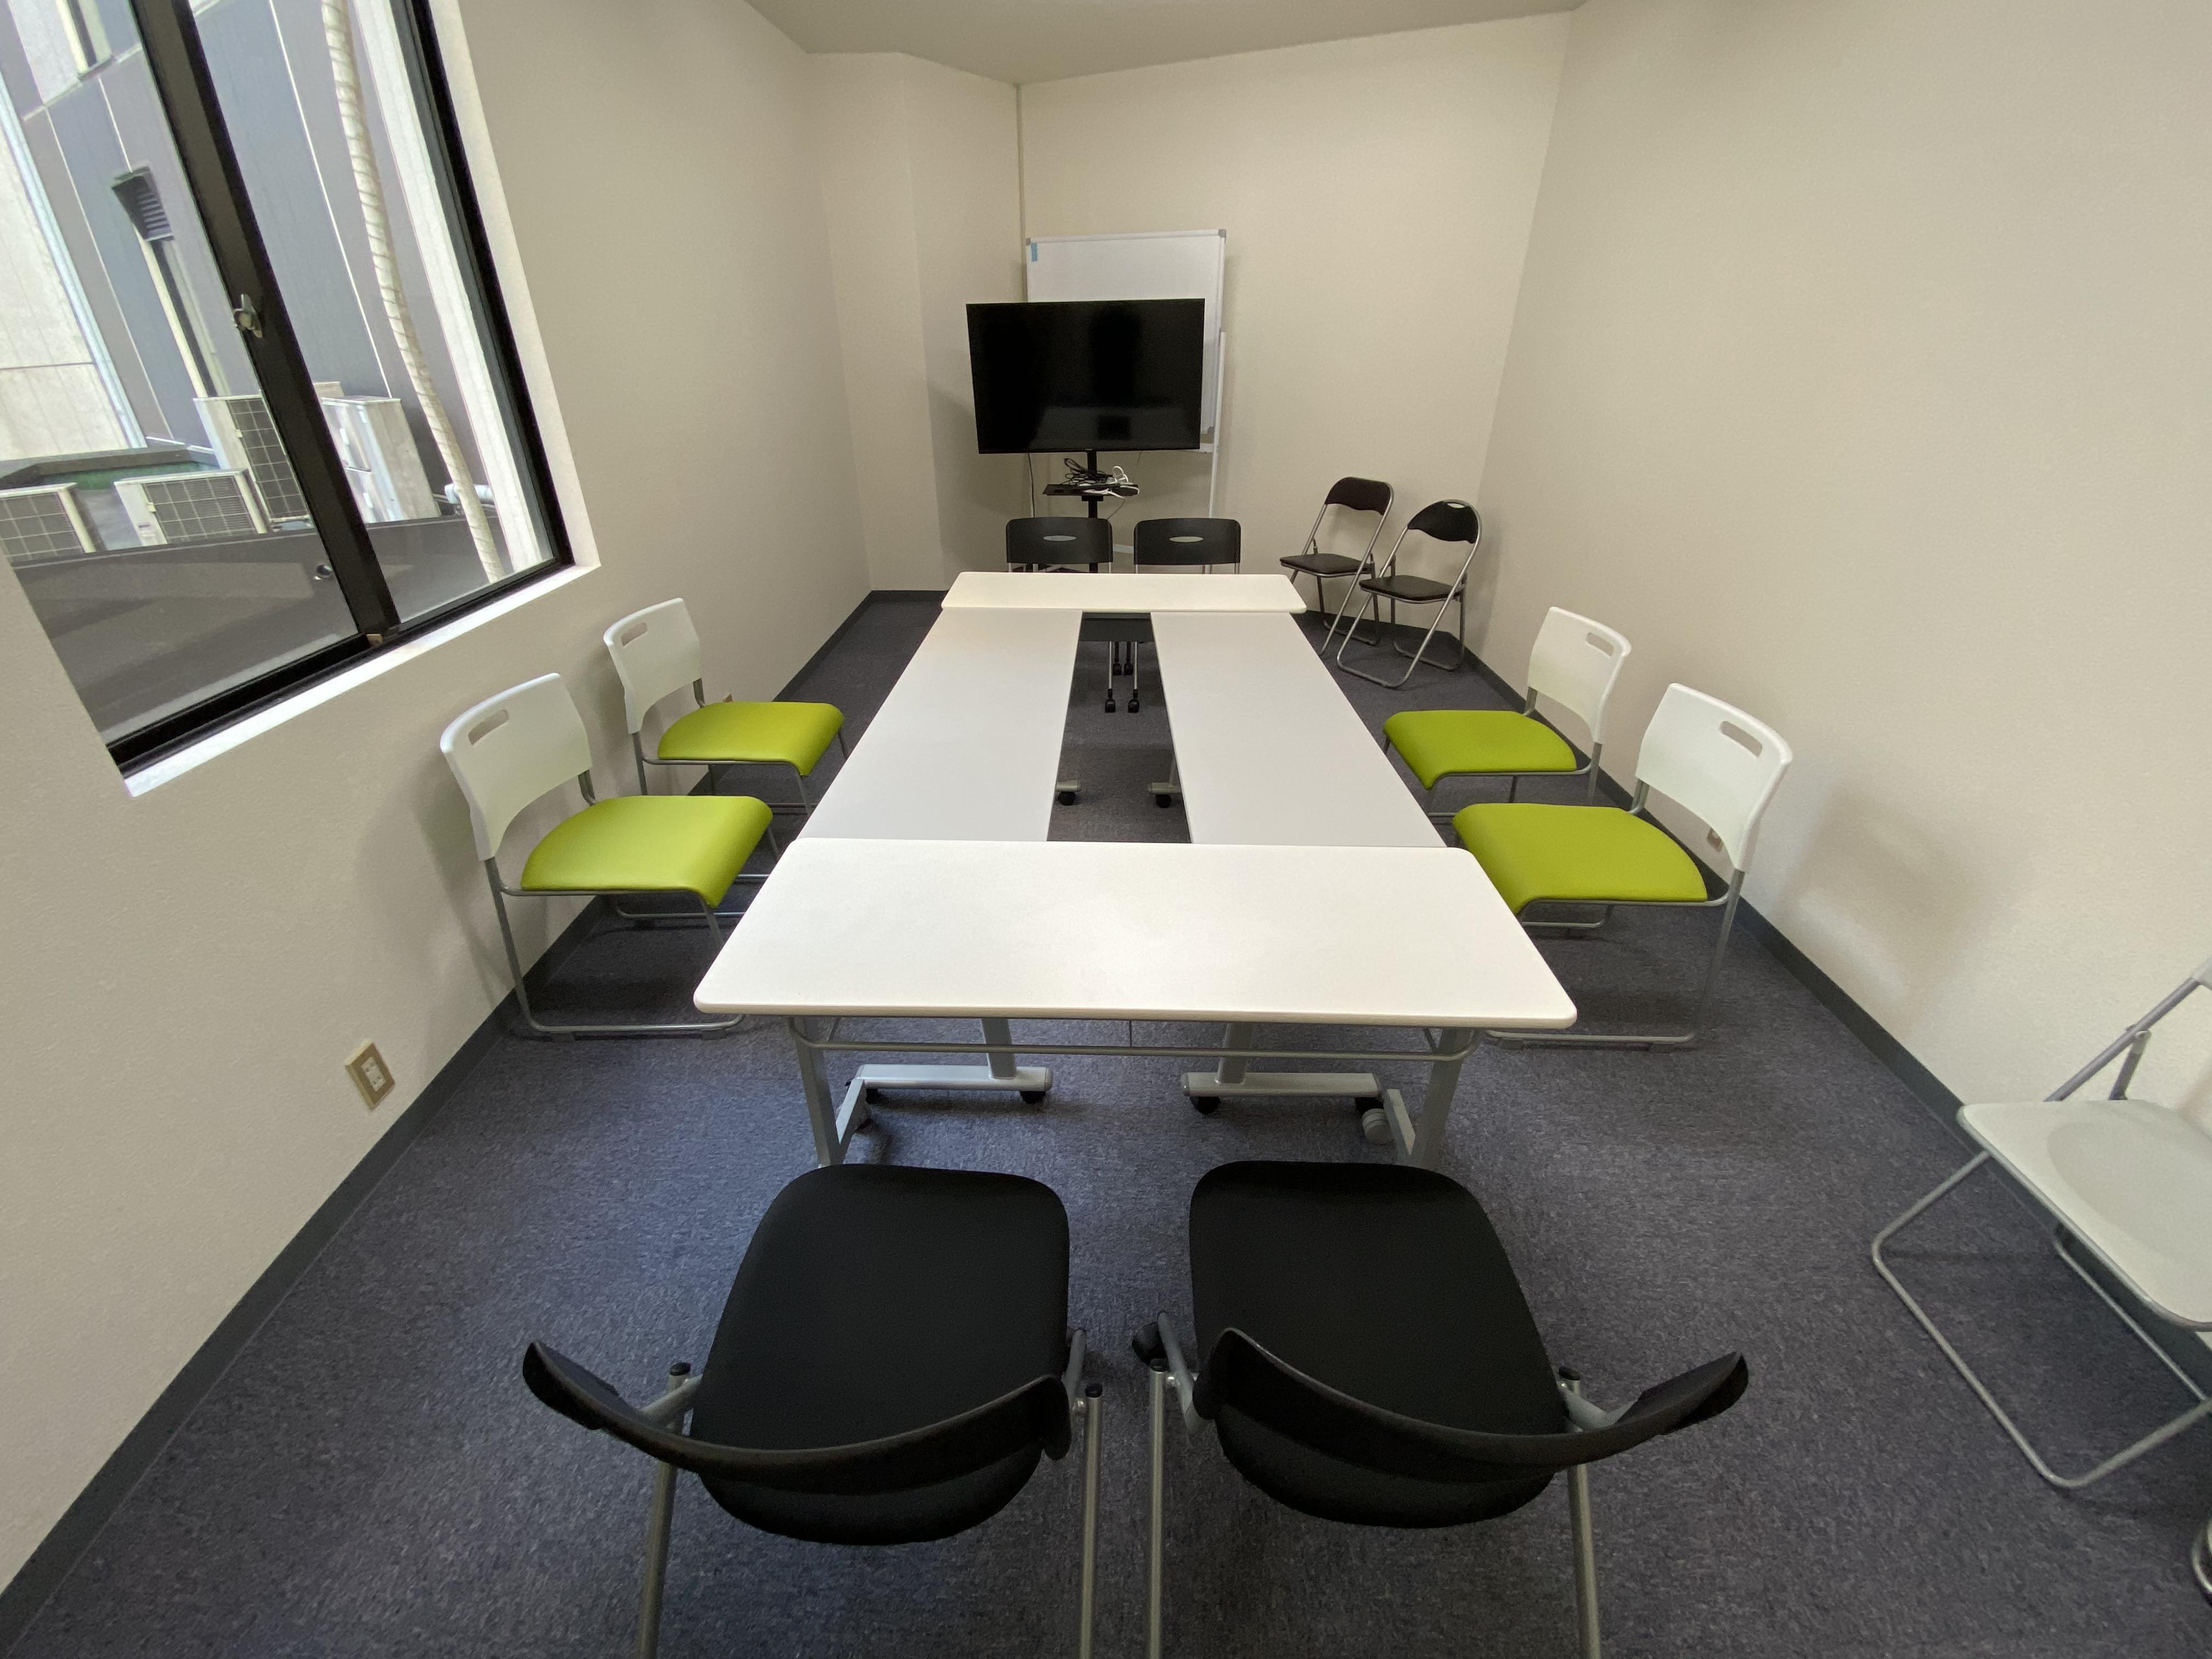 いちご会議室 荻窪駅前の室内の写真